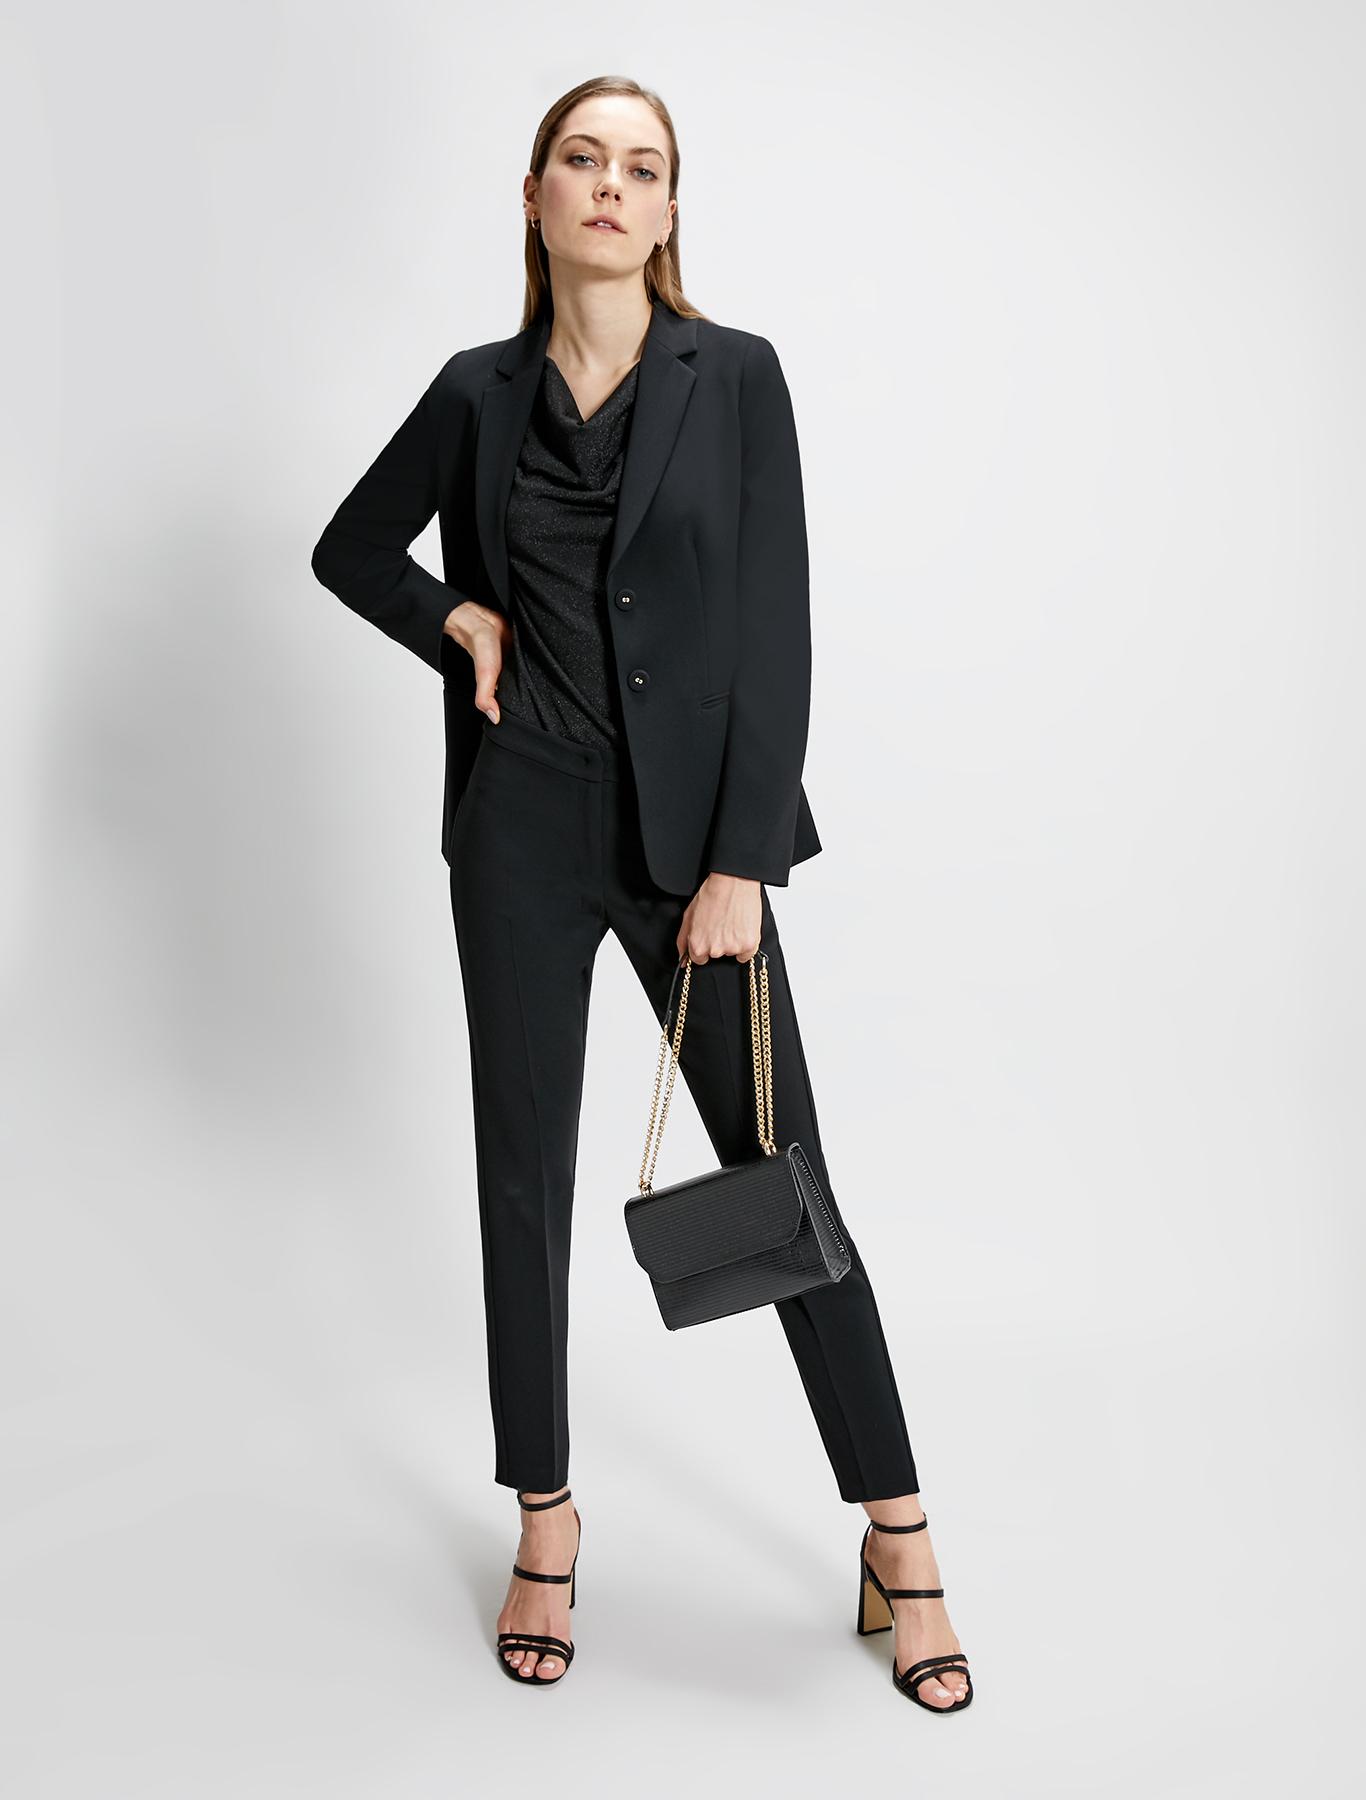 Two-button blazer - black - pennyblack